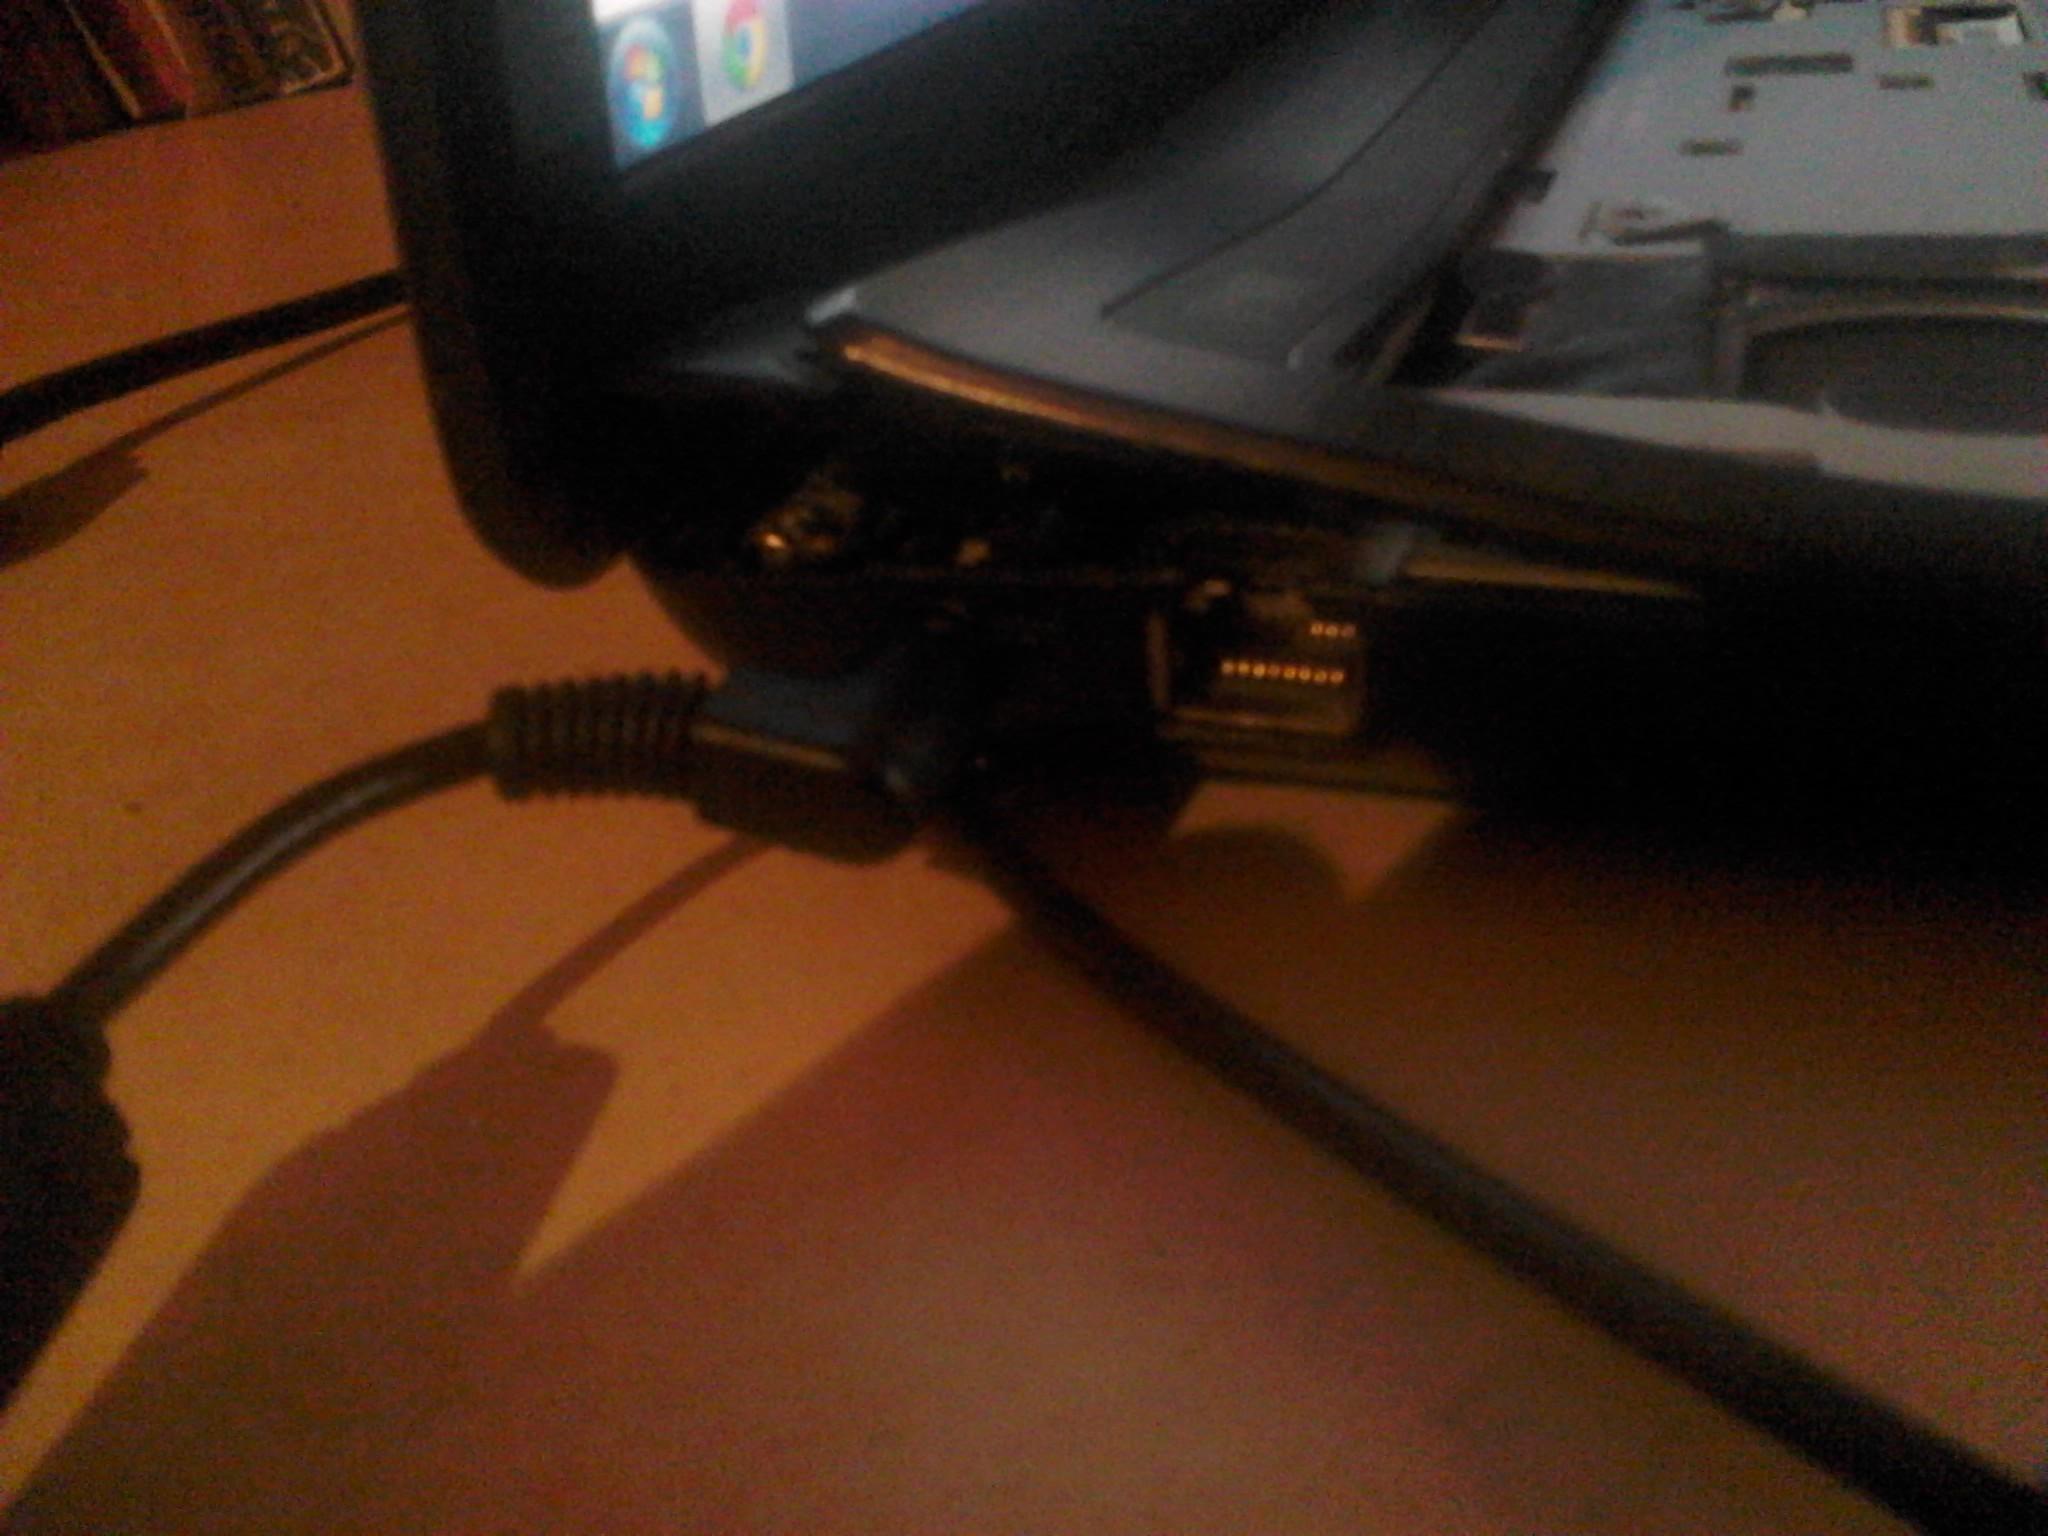 Asus x53u  - Zawias odgina g�rn� pokrywe laptopa przy otwieraniu.